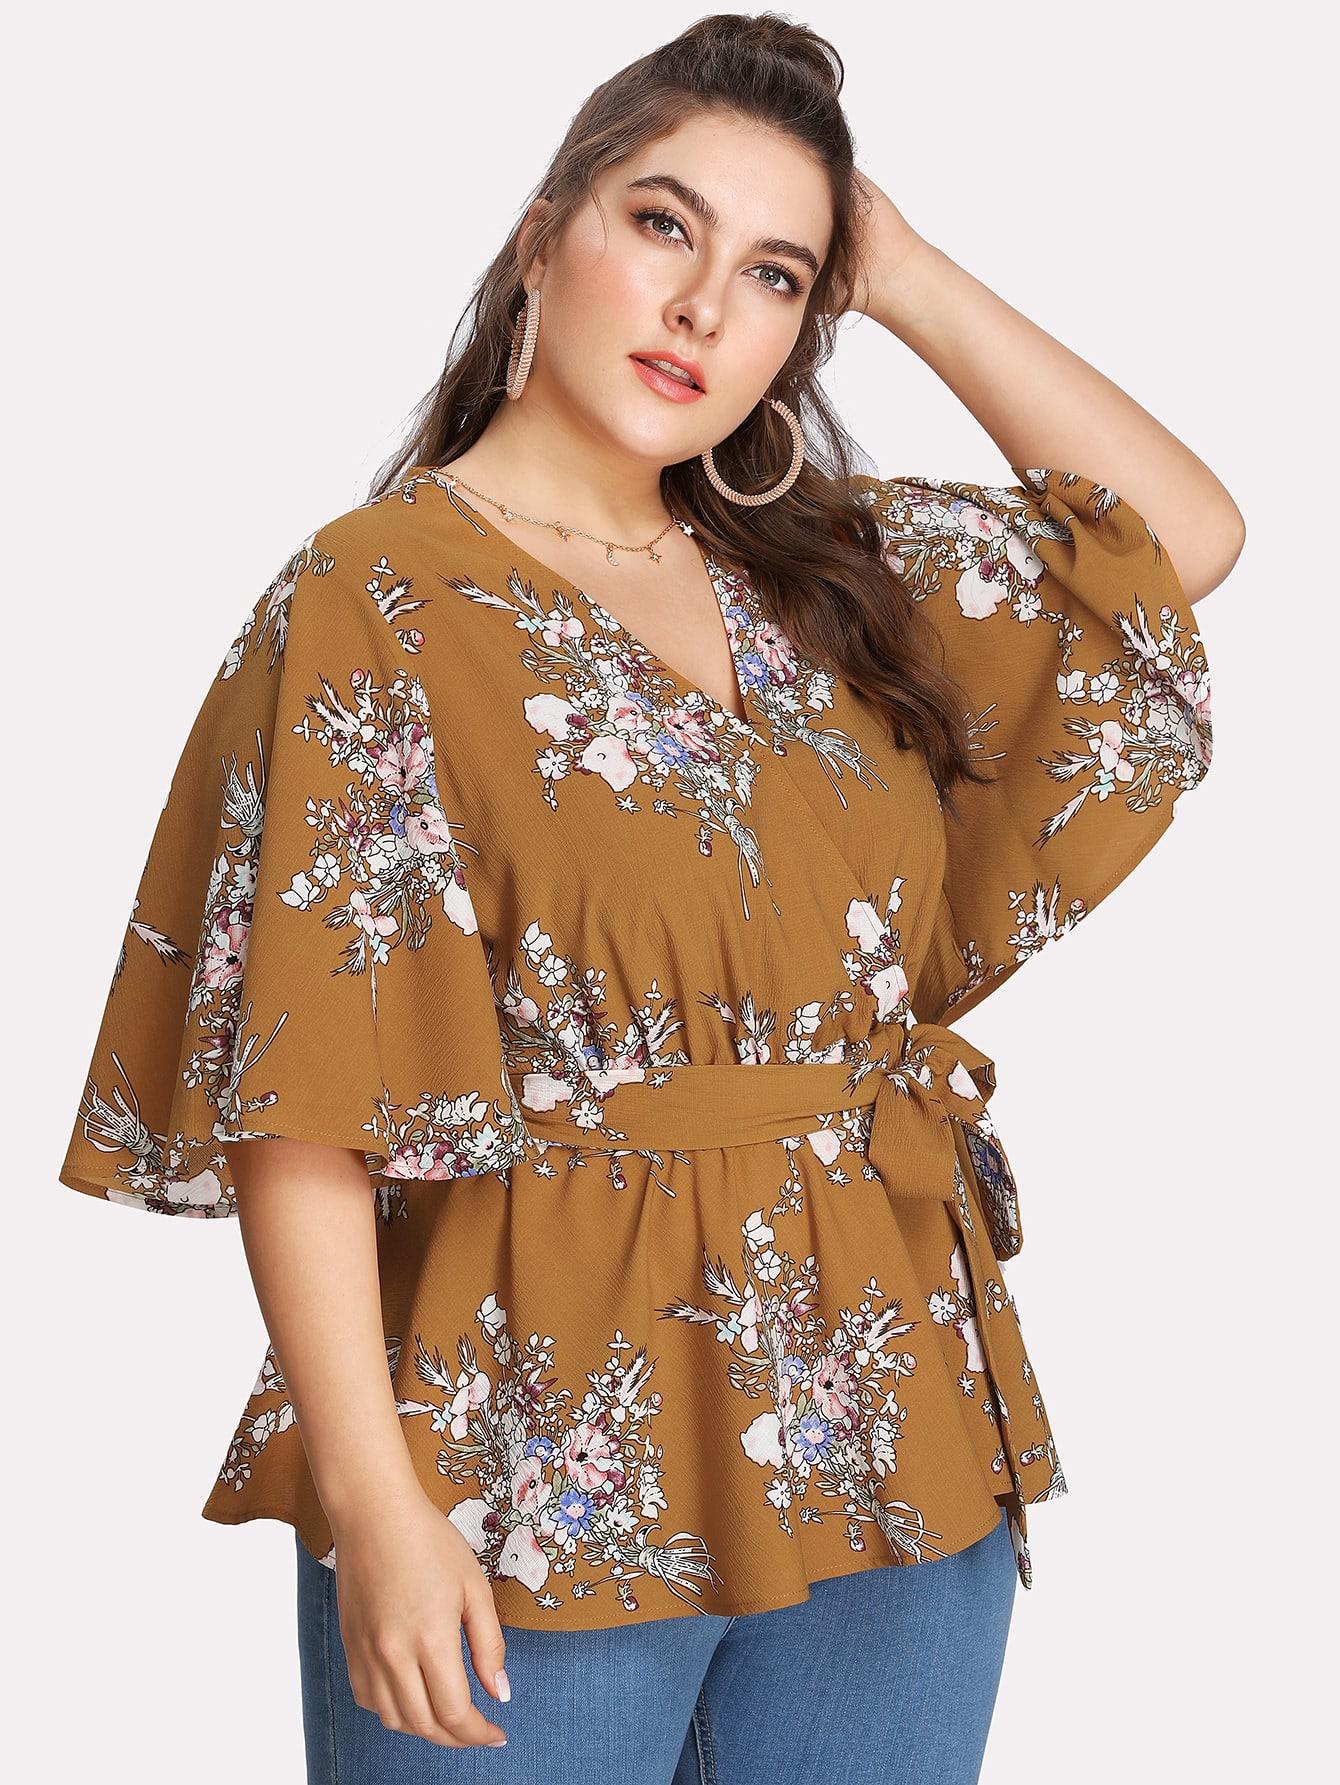 Купить Модная блуза с поясом и цветочным принтом, Franziska, SheIn